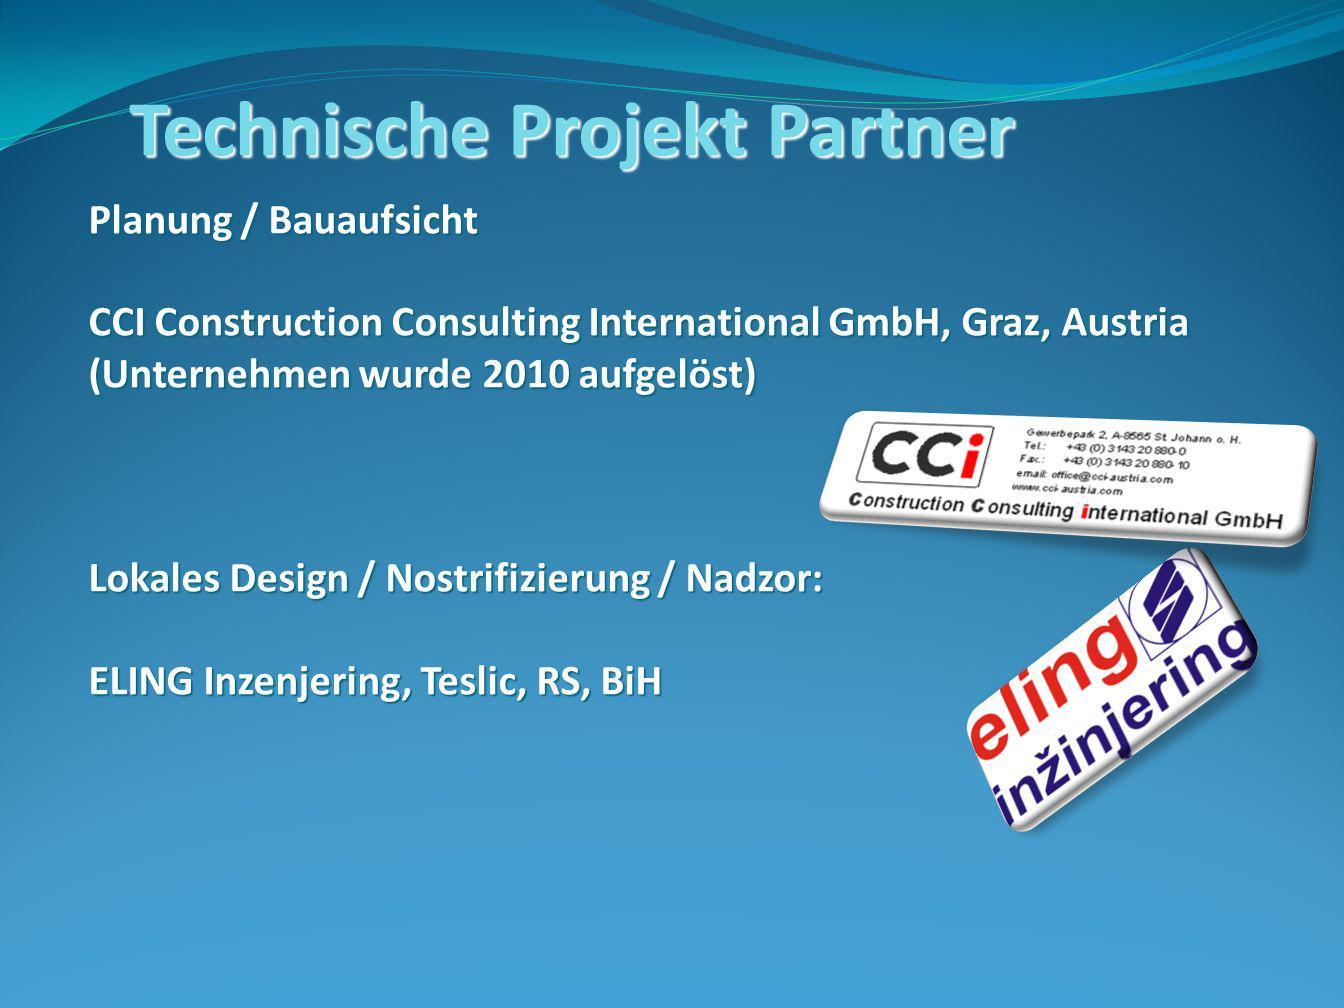 Technische Projekt Partner Planung / Bauaufsicht CCI Construction Consulting International GmbH, Graz, Austria (Unternehmen wurde 2010 aufgelöst) Lokales Design / Nostrifizierung / Nadzor: ELING Inzenjering, Teslic, RS, BiH